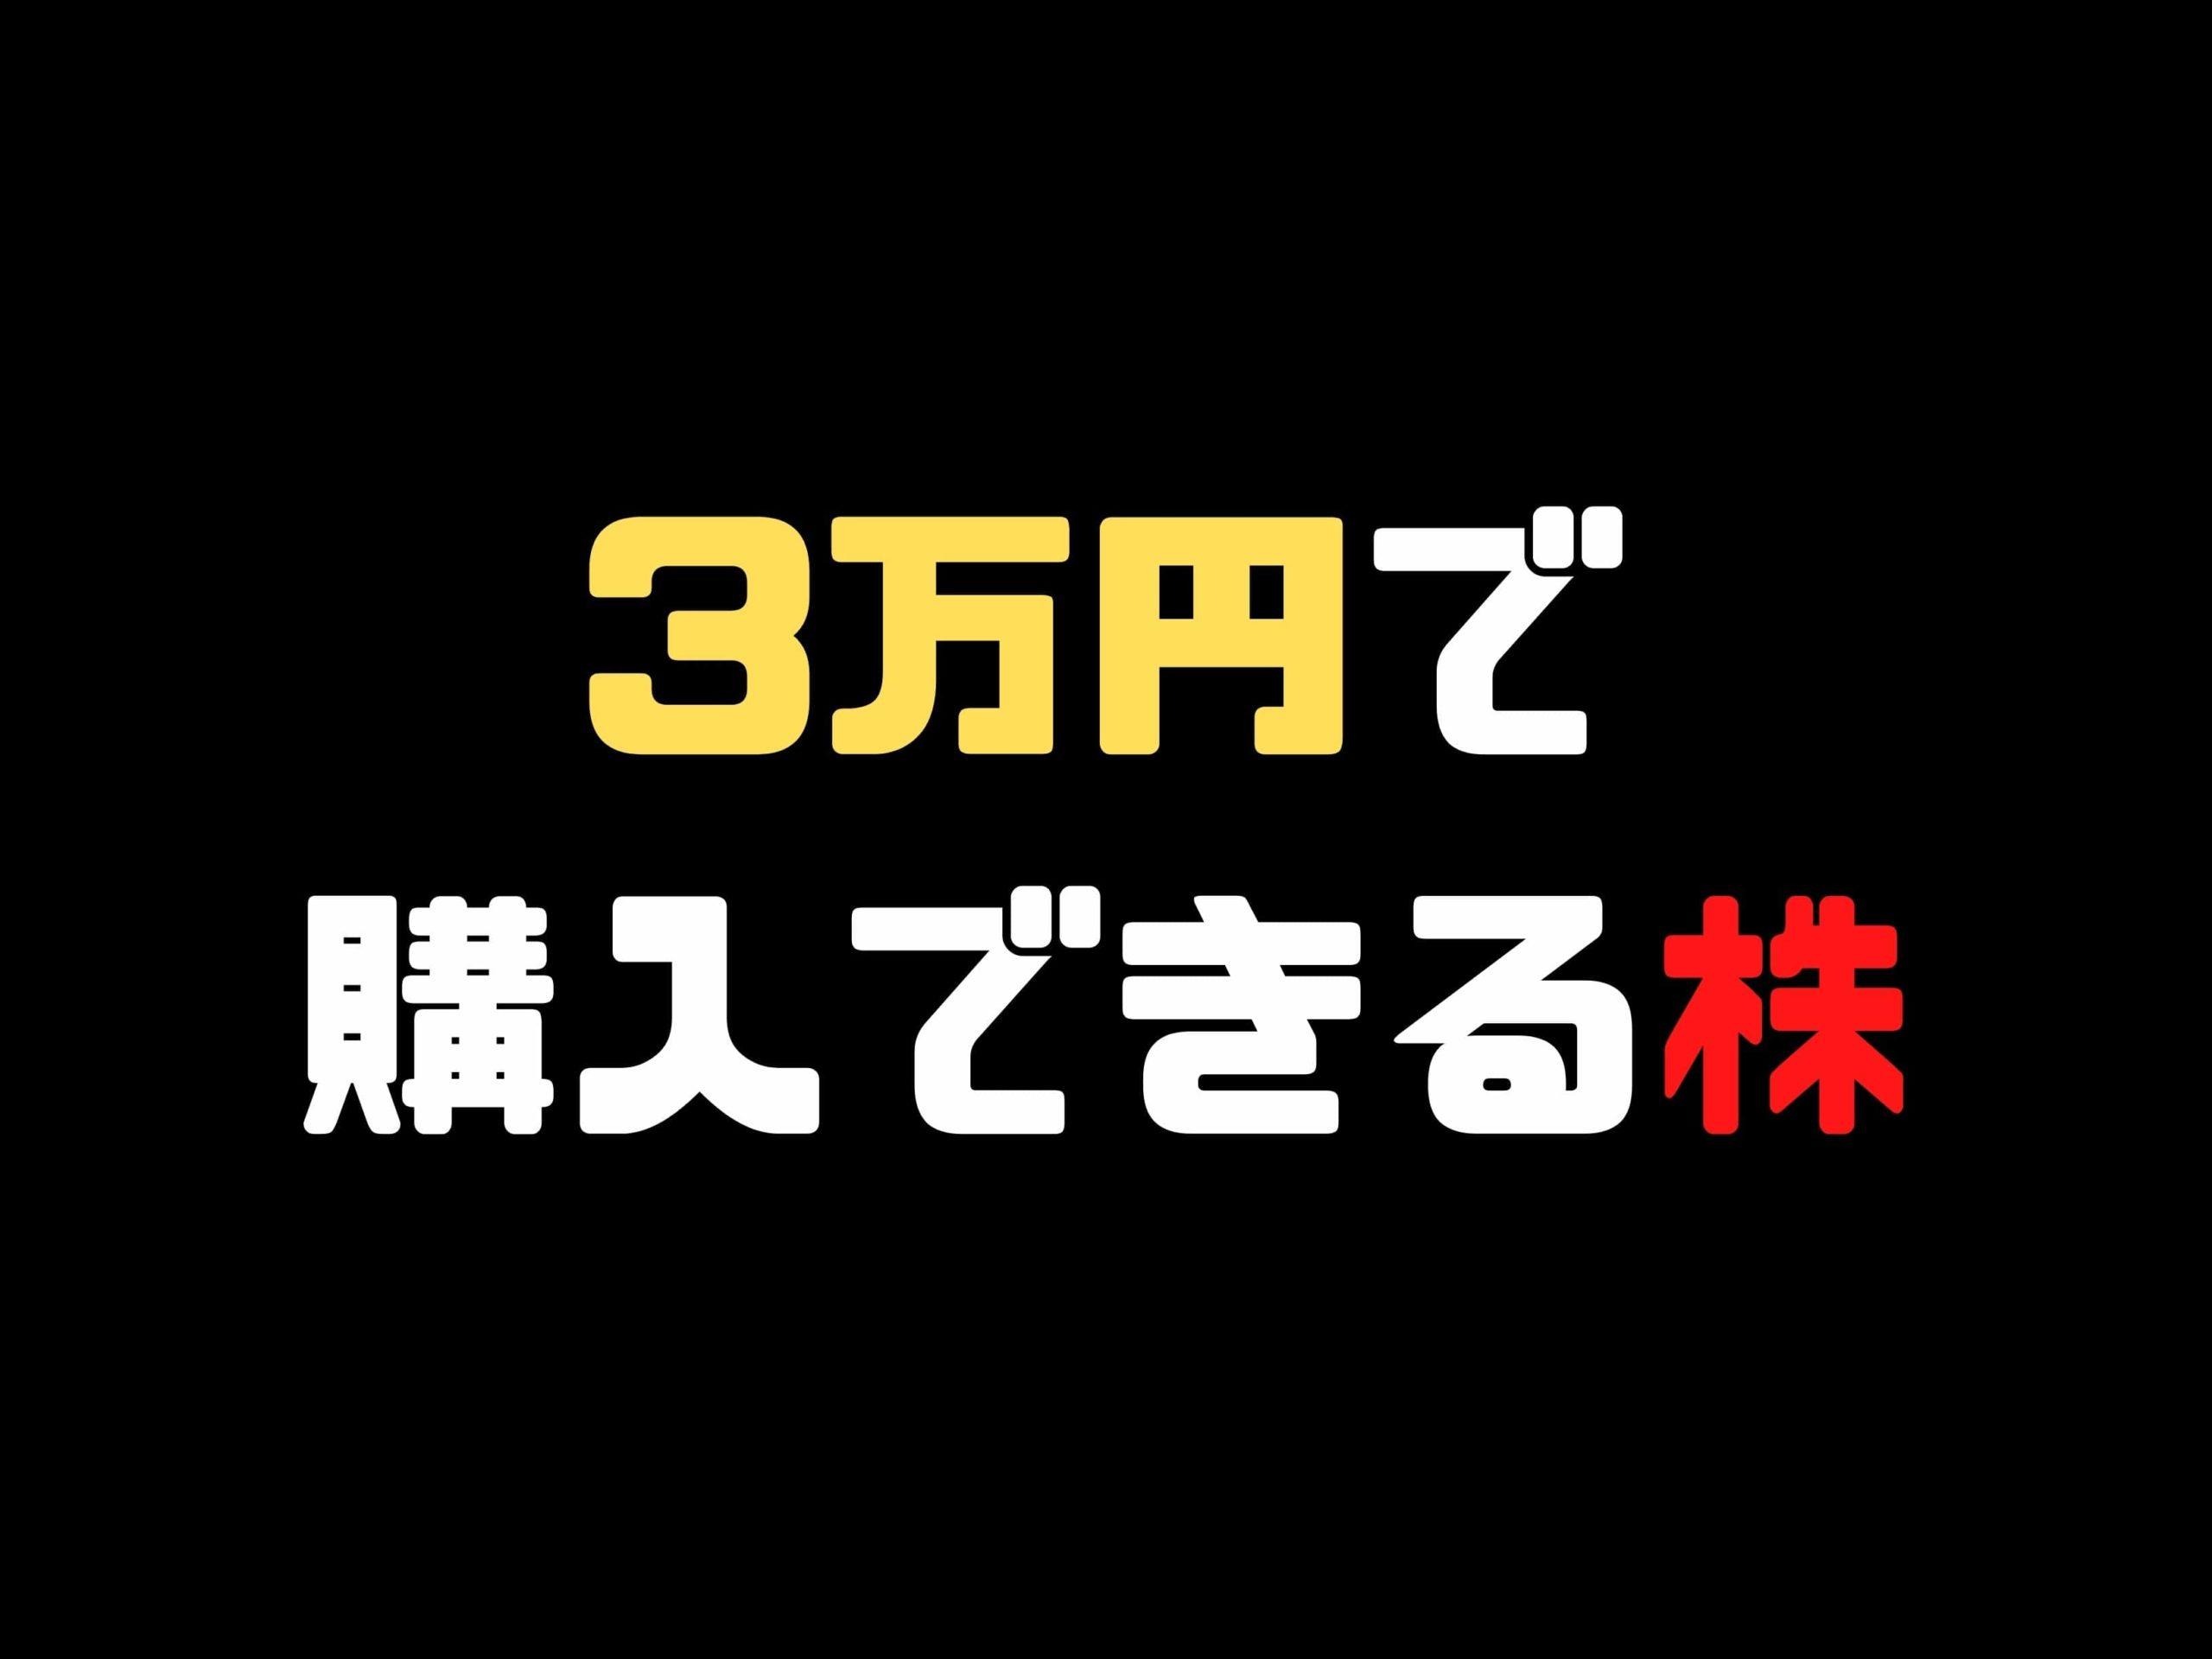 【2021年版】3万円以下で買える日本株一覧!配当金で購入可能